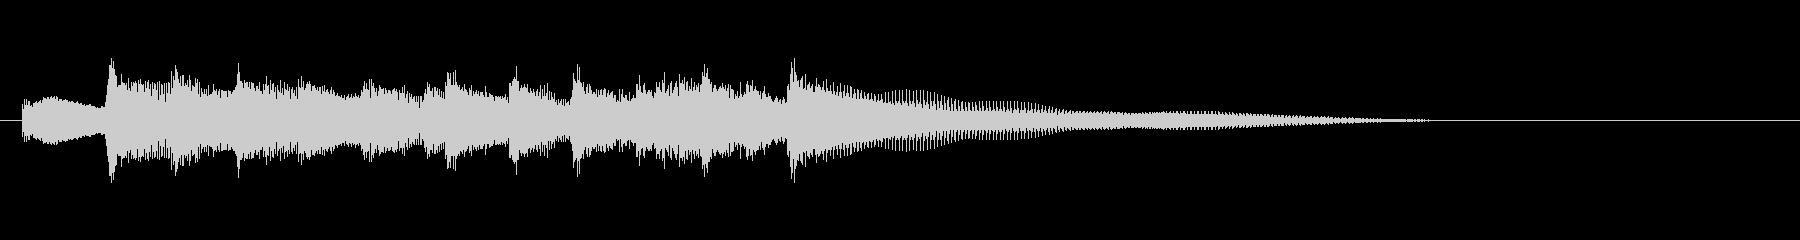 CM等、爽やかでほのぼのポップジングルdの未再生の波形